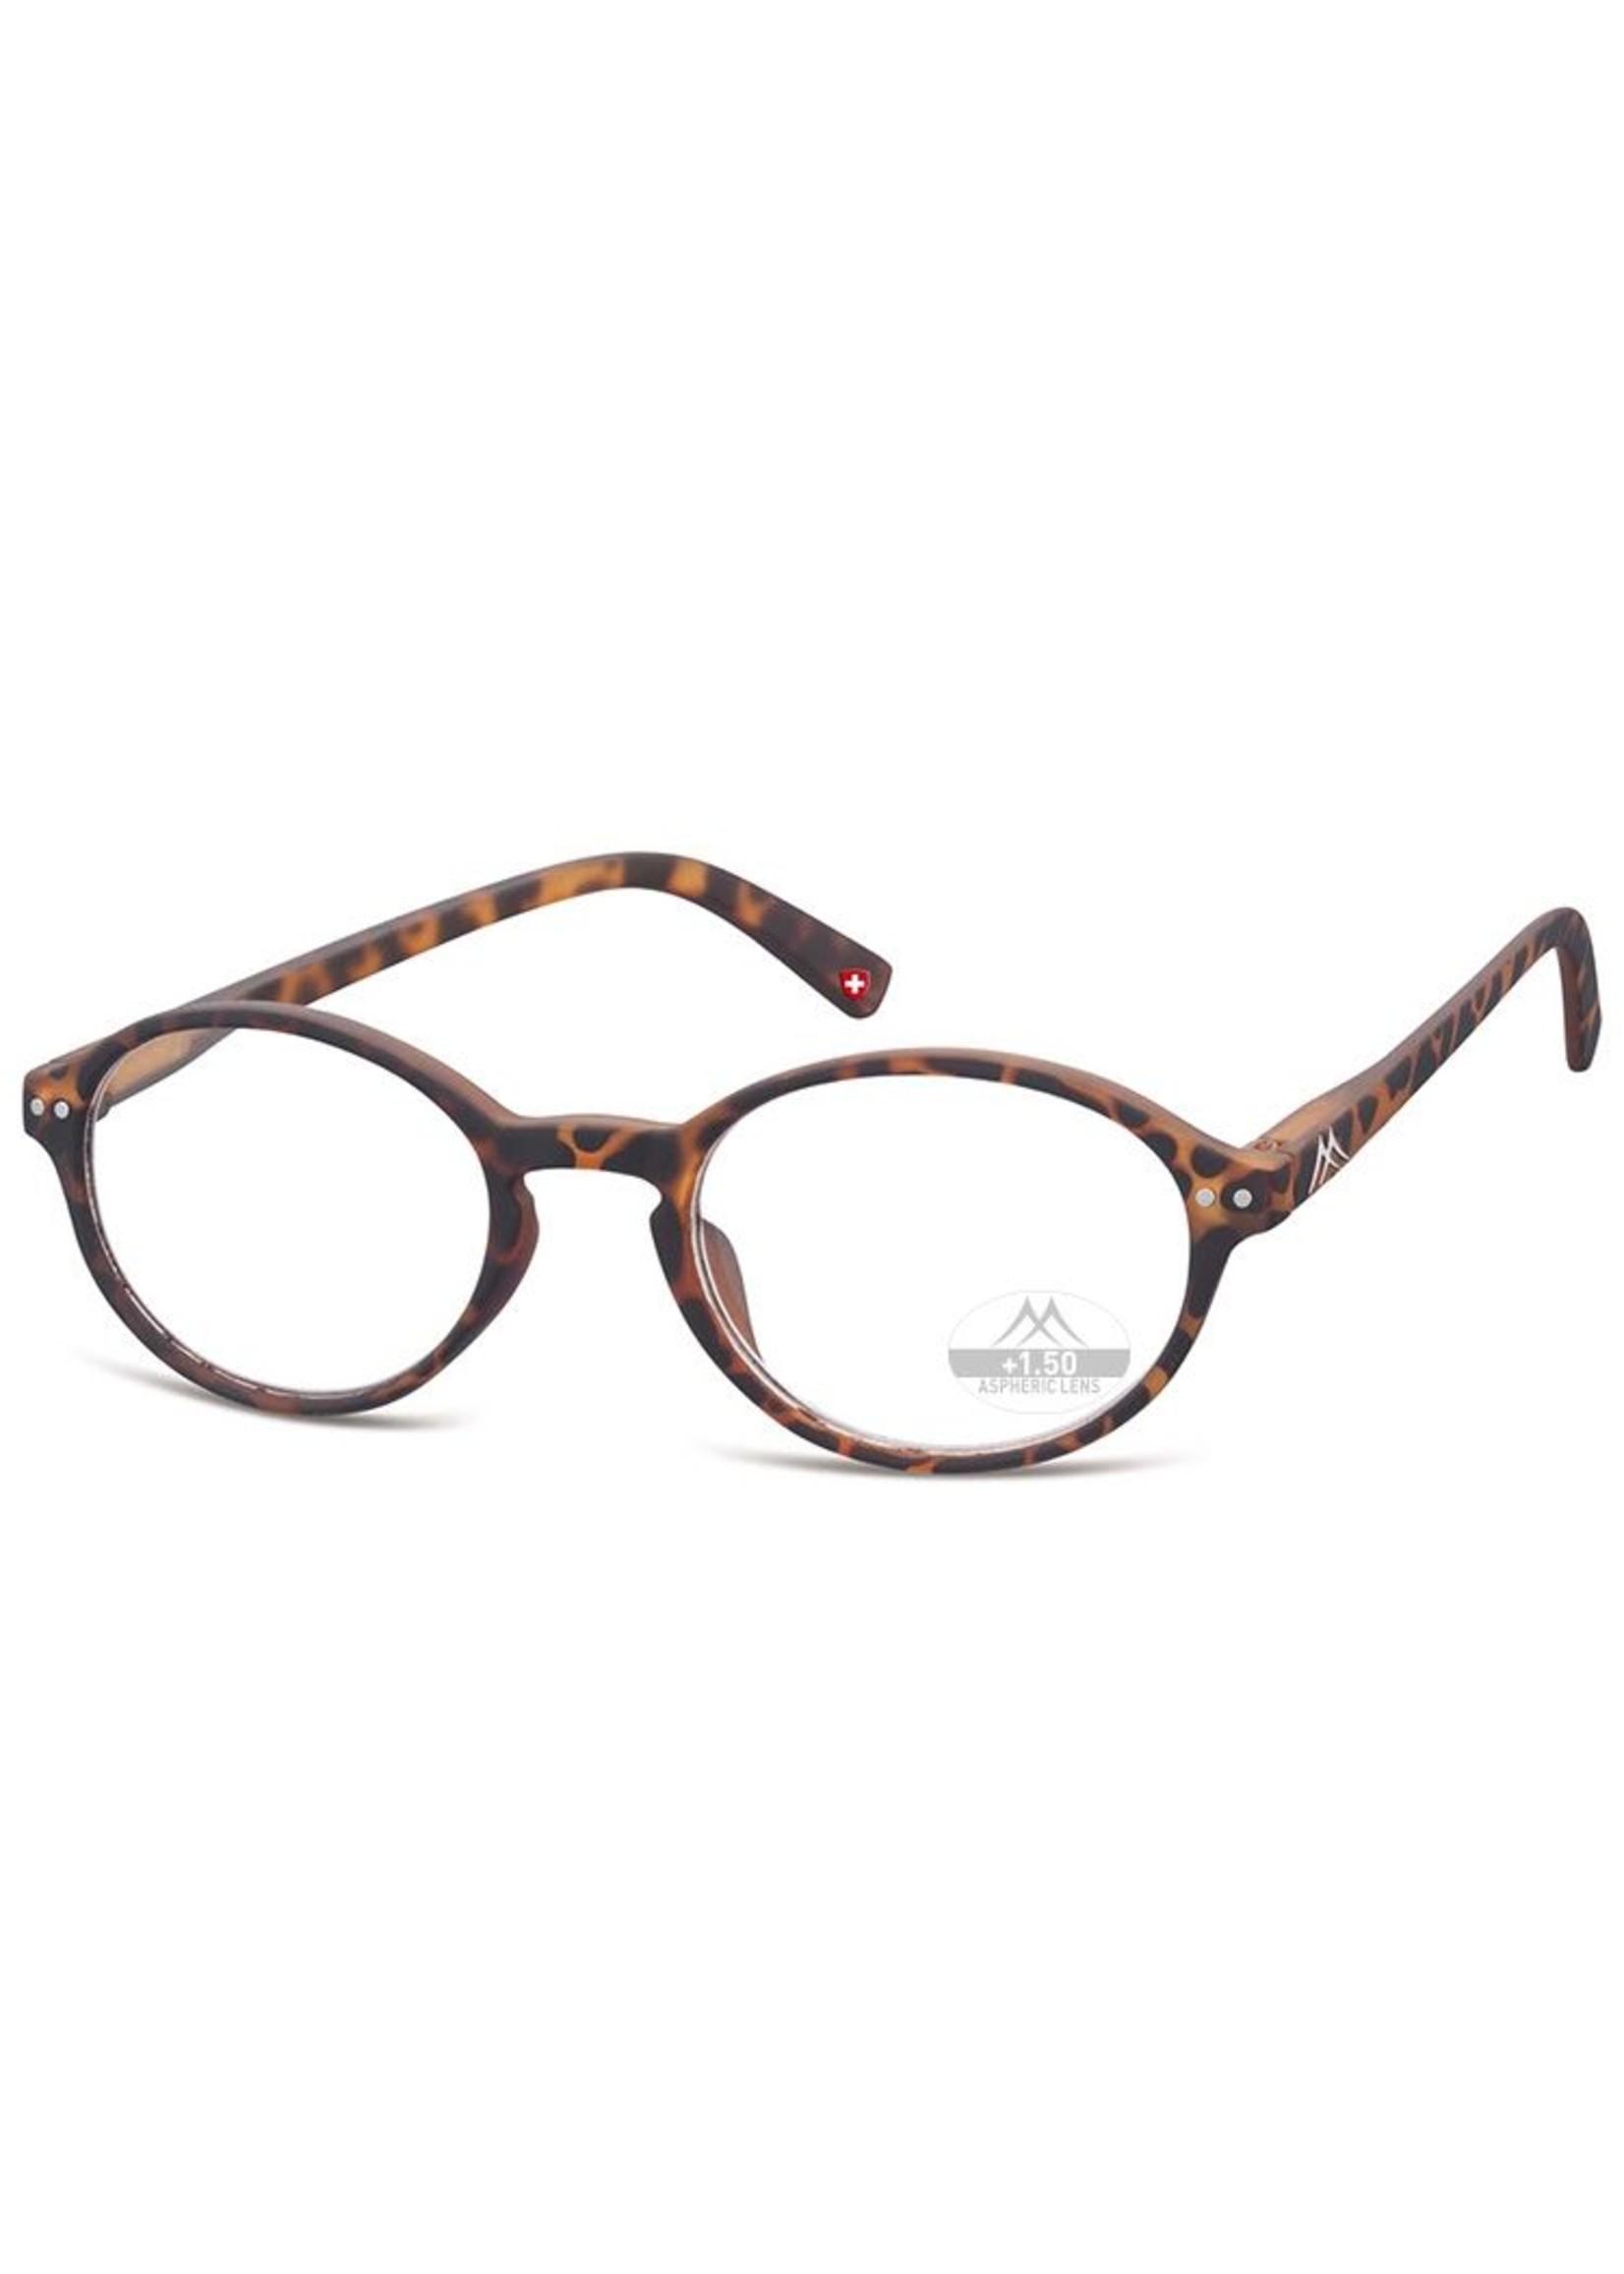 Trendy leesbril John Lennon havanna bruin